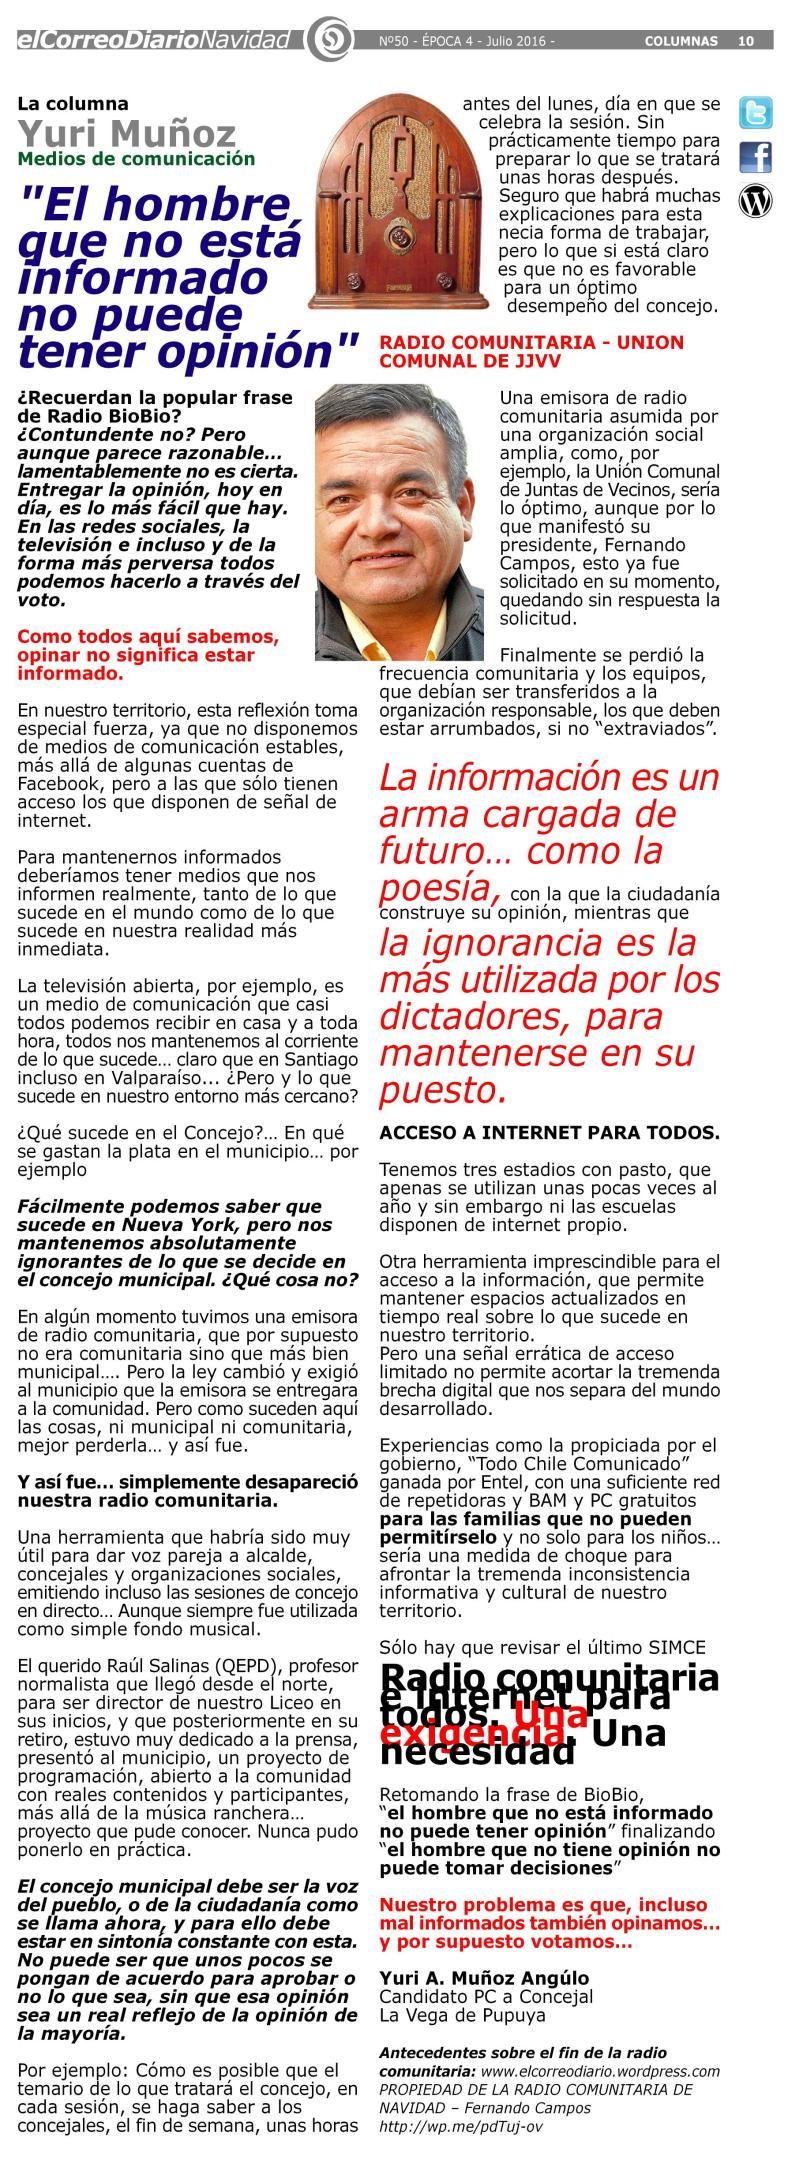 LA COLUMNA DE YURI (5) INFORMACION